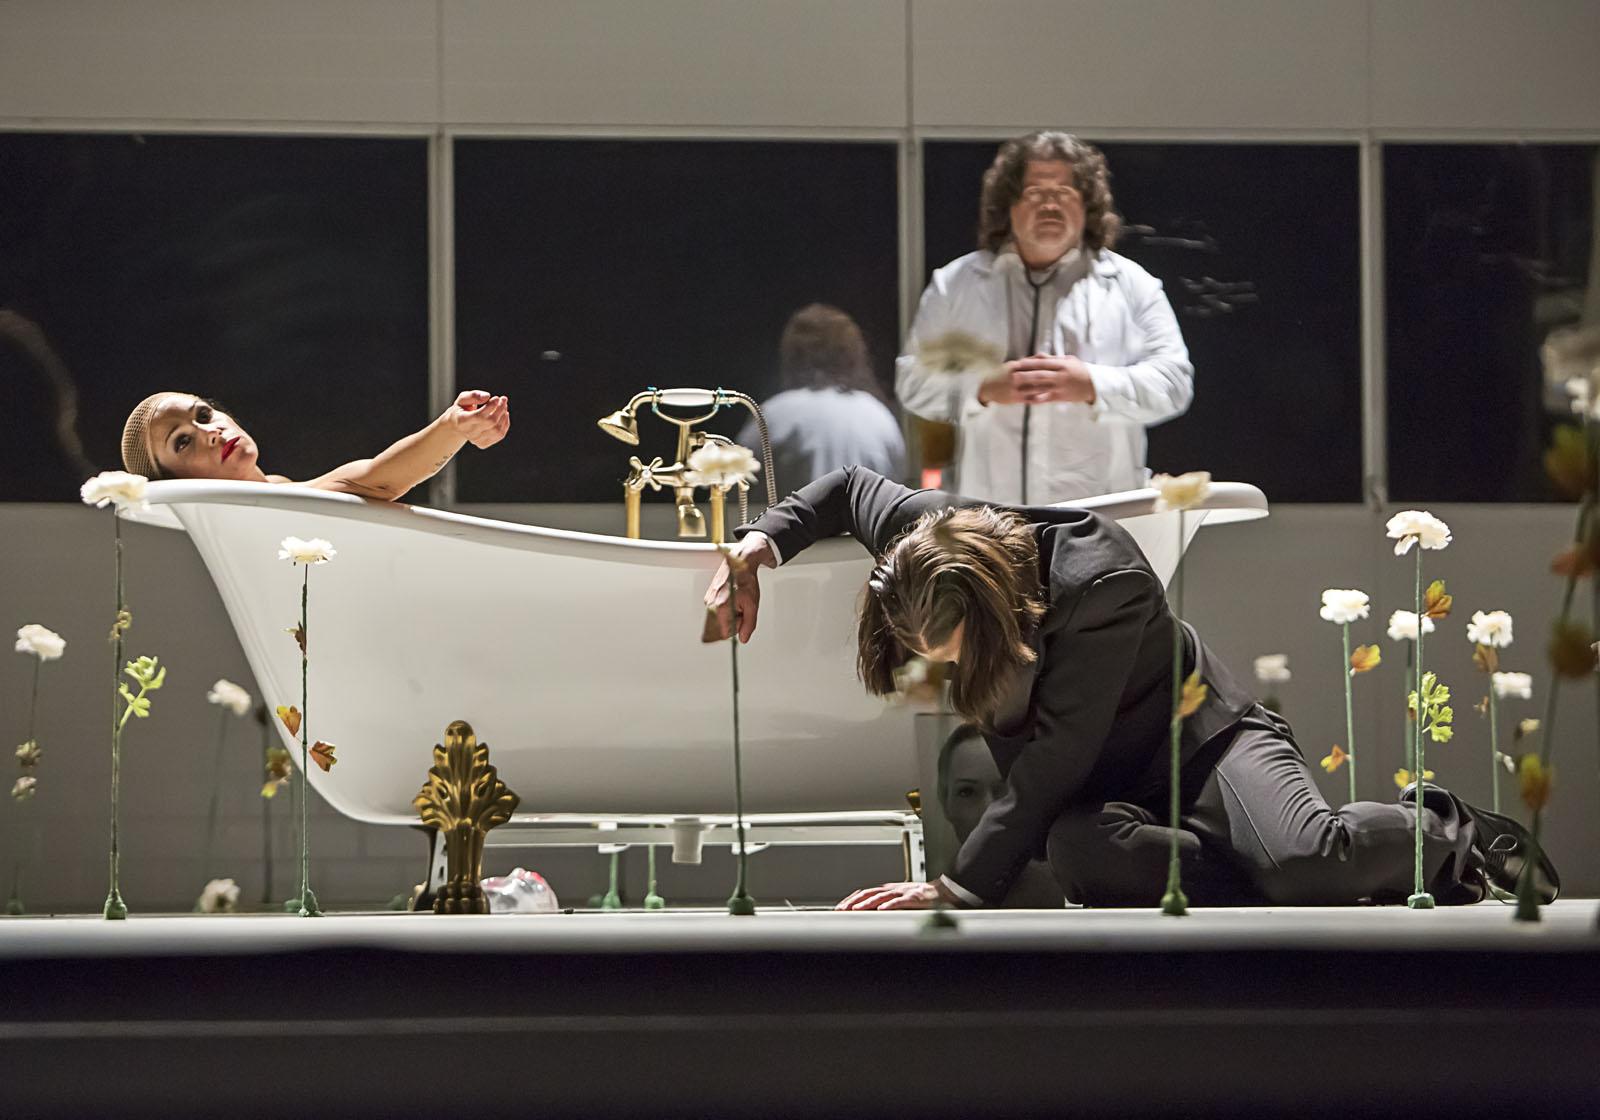 V netradičním pojetí uvádí Jihočeské divadlo operu La traviata. Inscenaci režírovala Veronila Poldauf Riedlbauchová